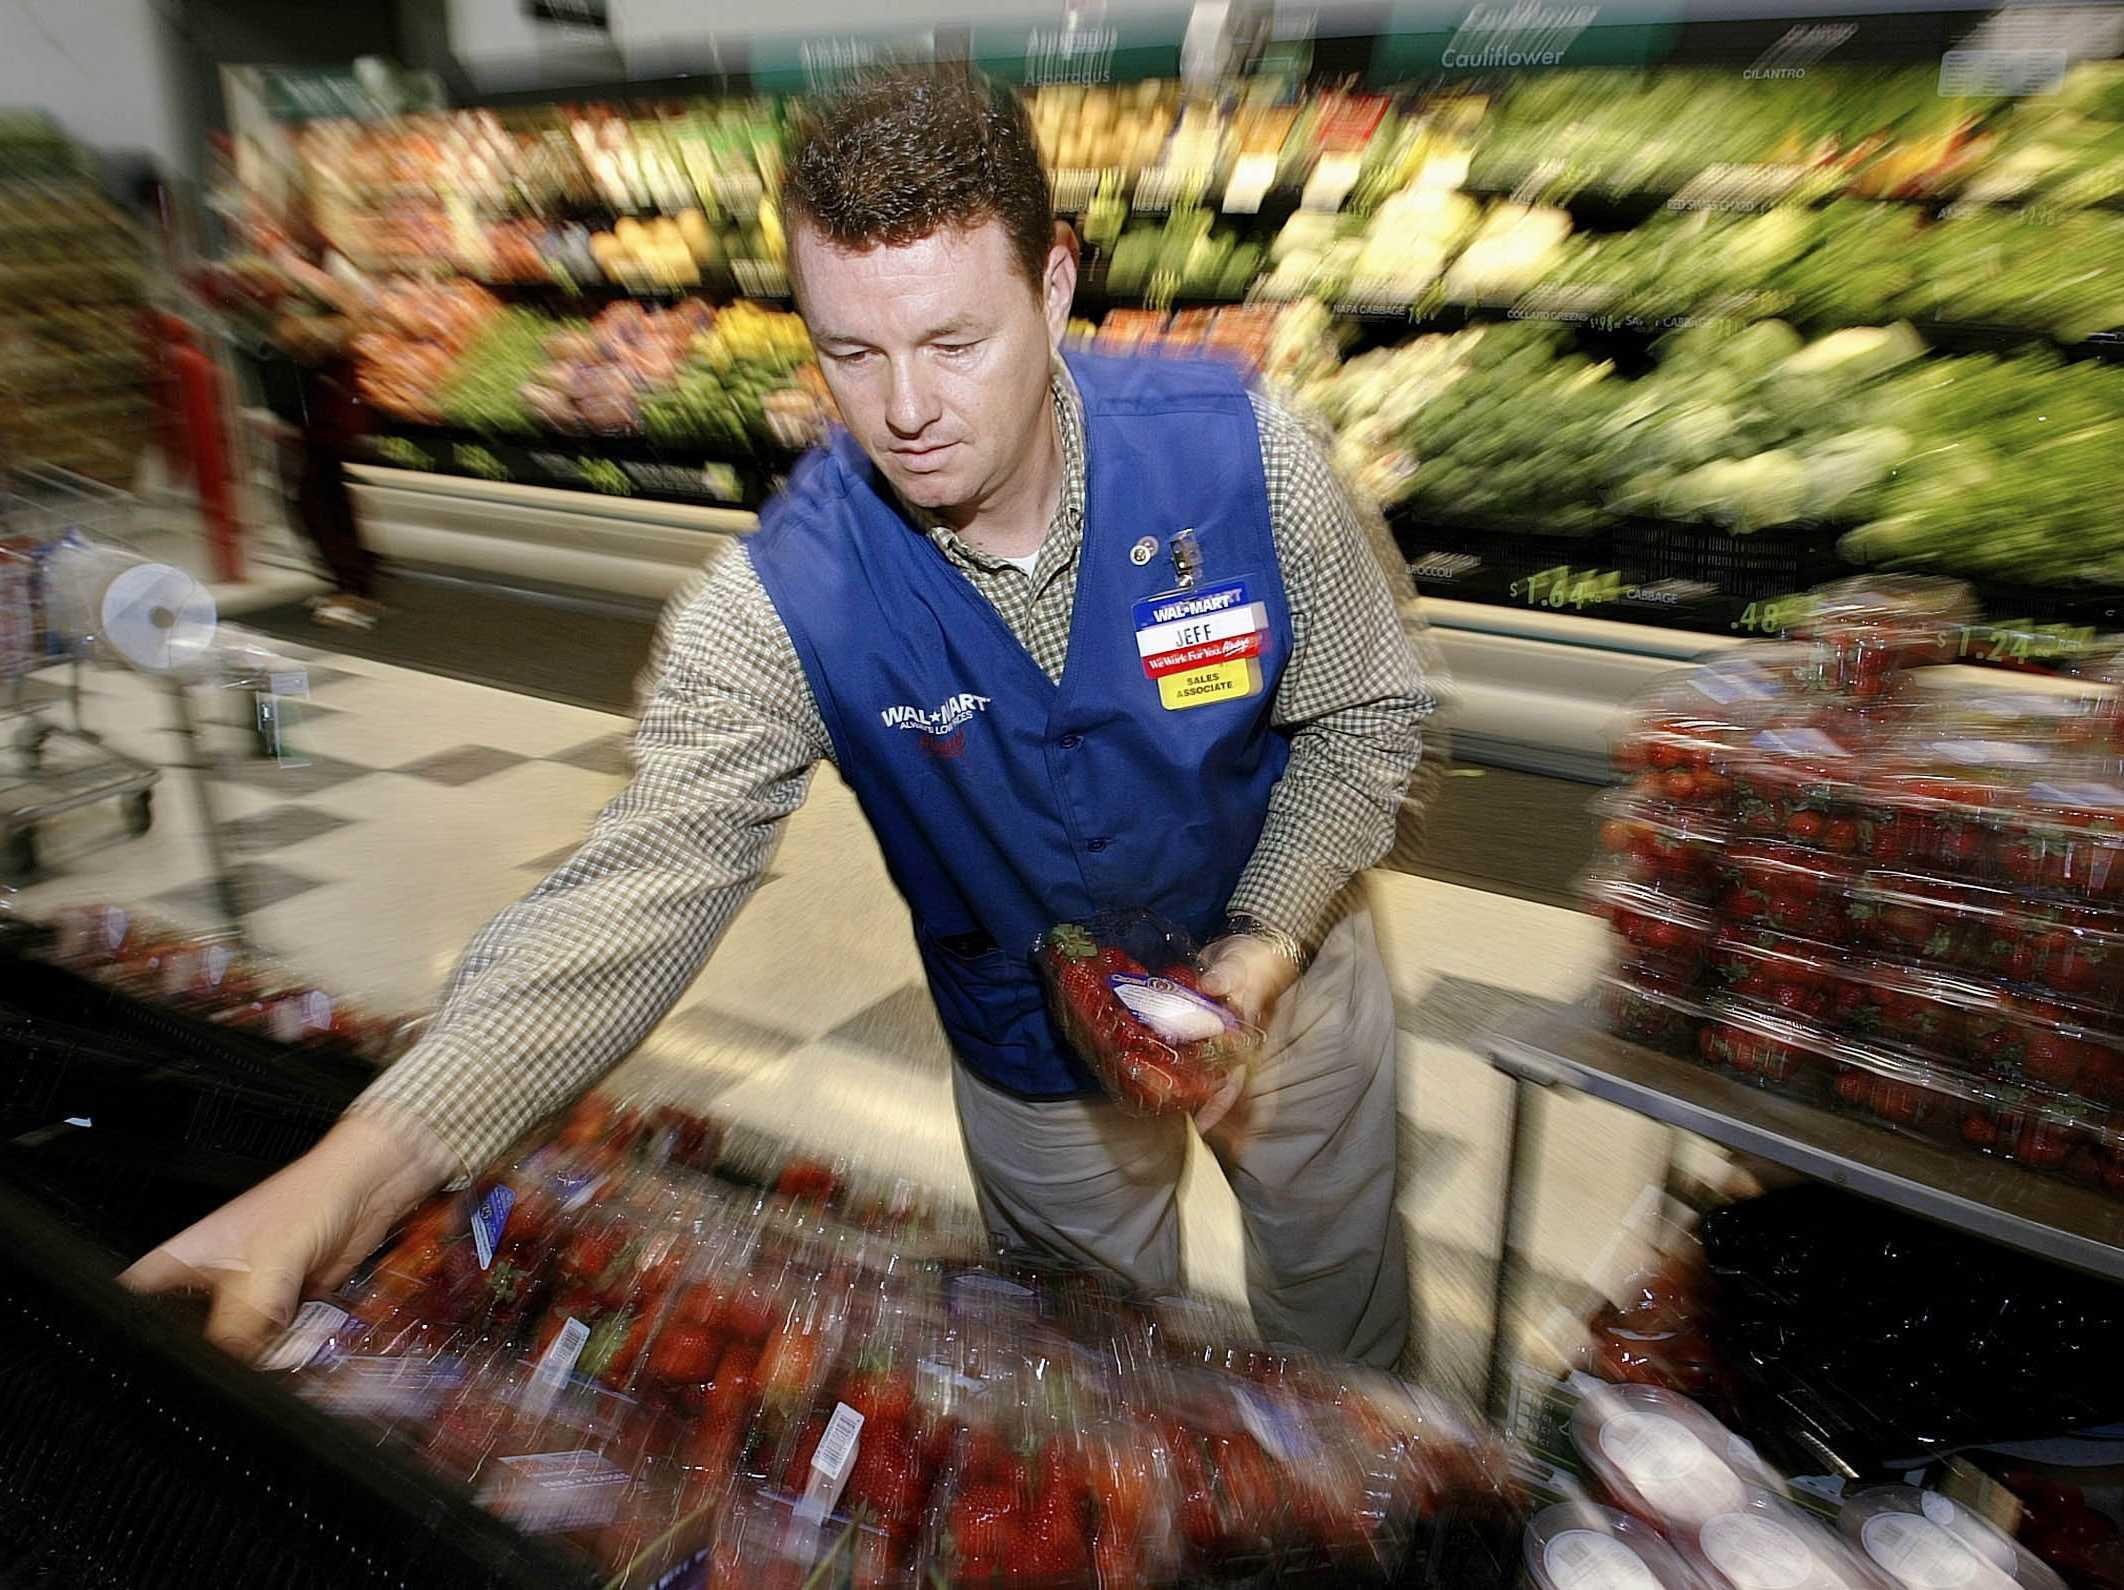 Walmart exploiting workers overseas